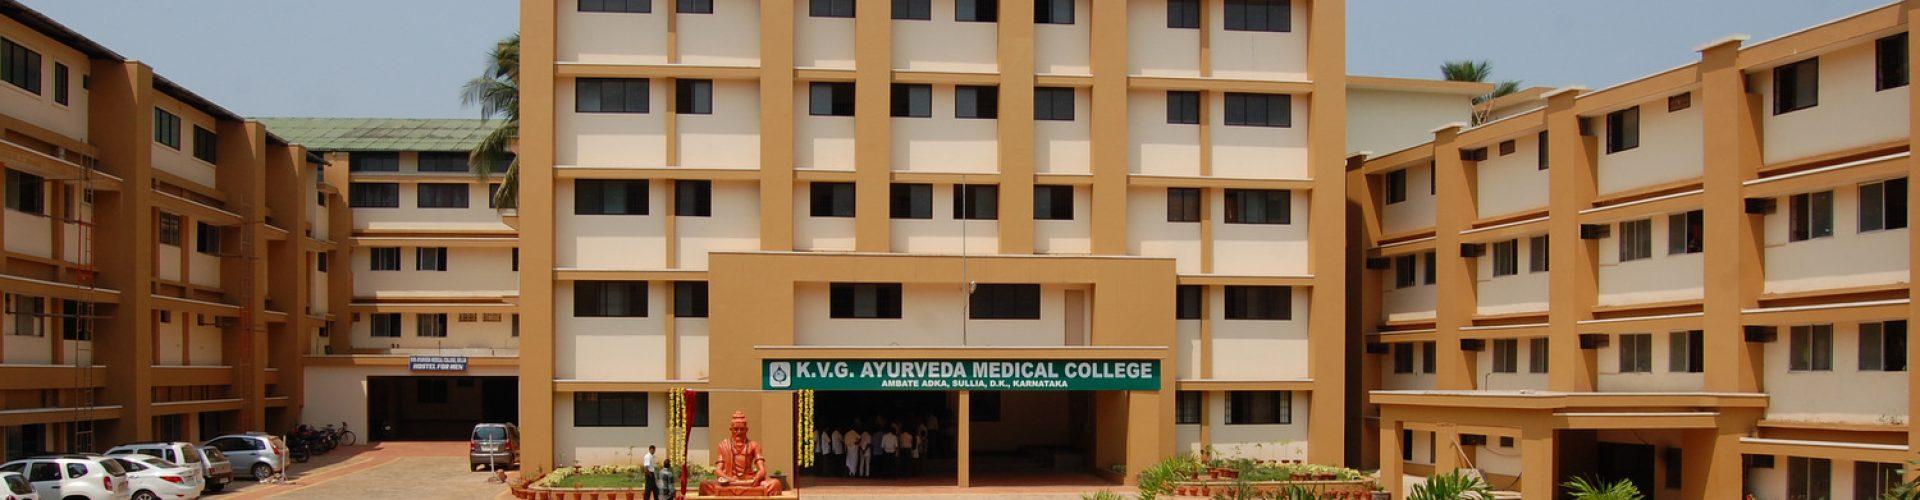 K.V.G Ayurved Medical College and Hospital